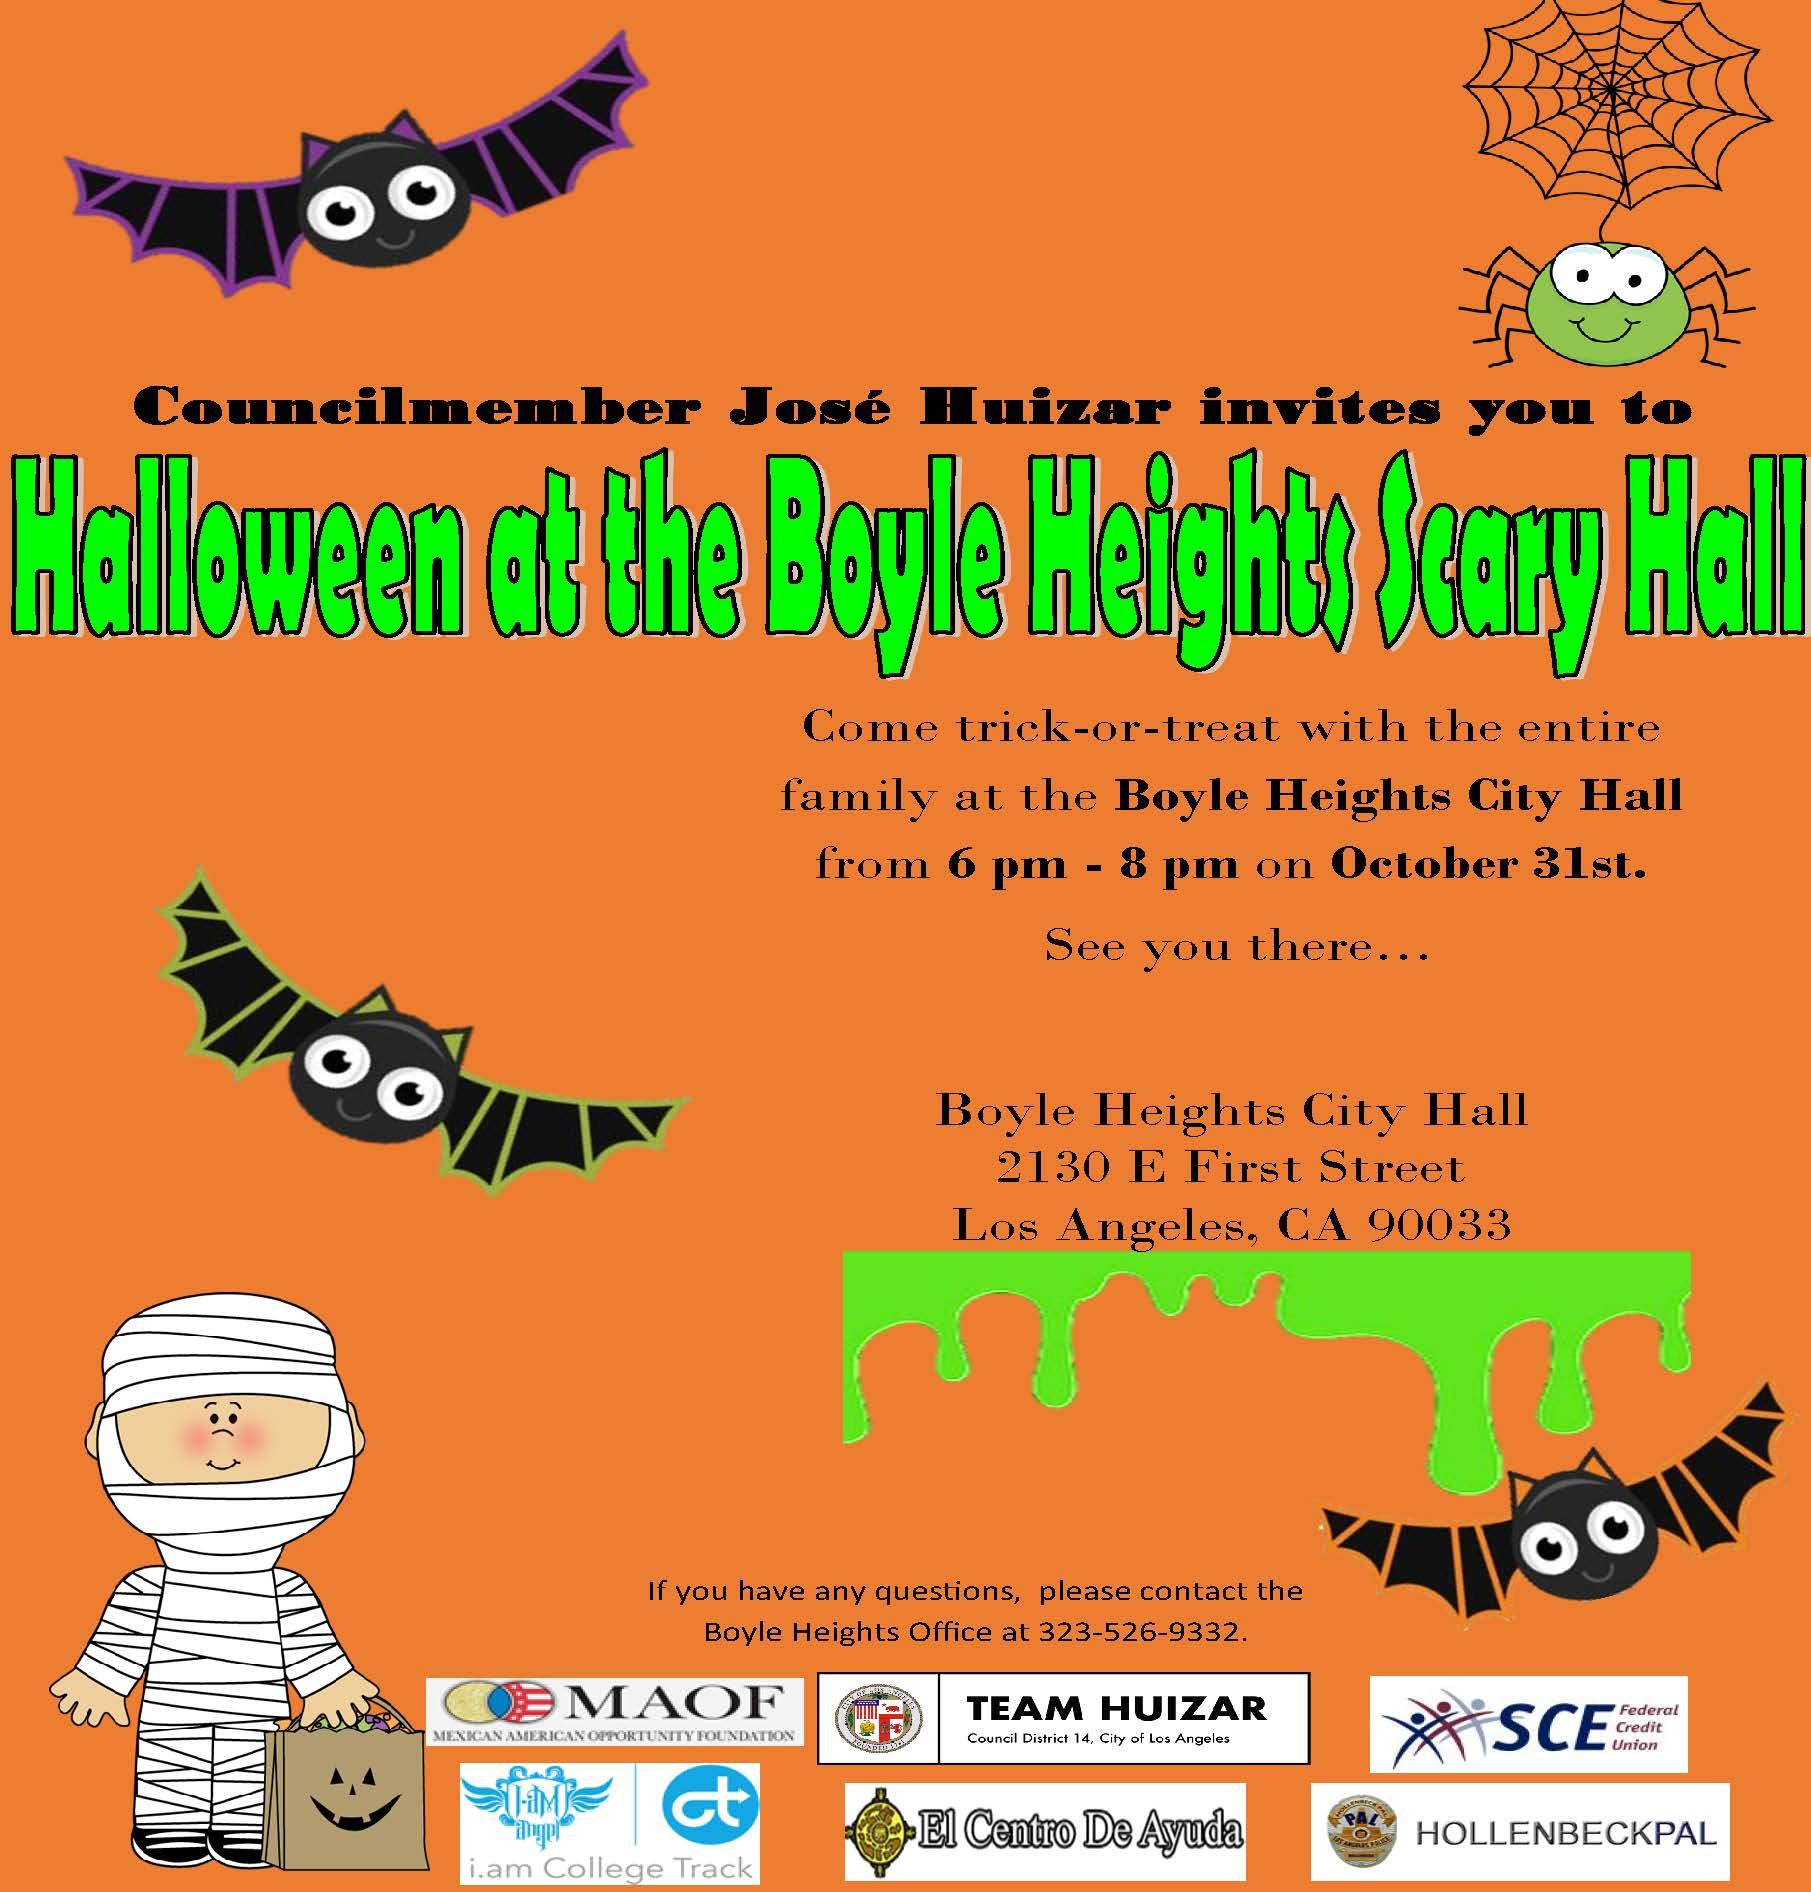 BH_Halloween_10.31.17_Page_1_(1).jpg